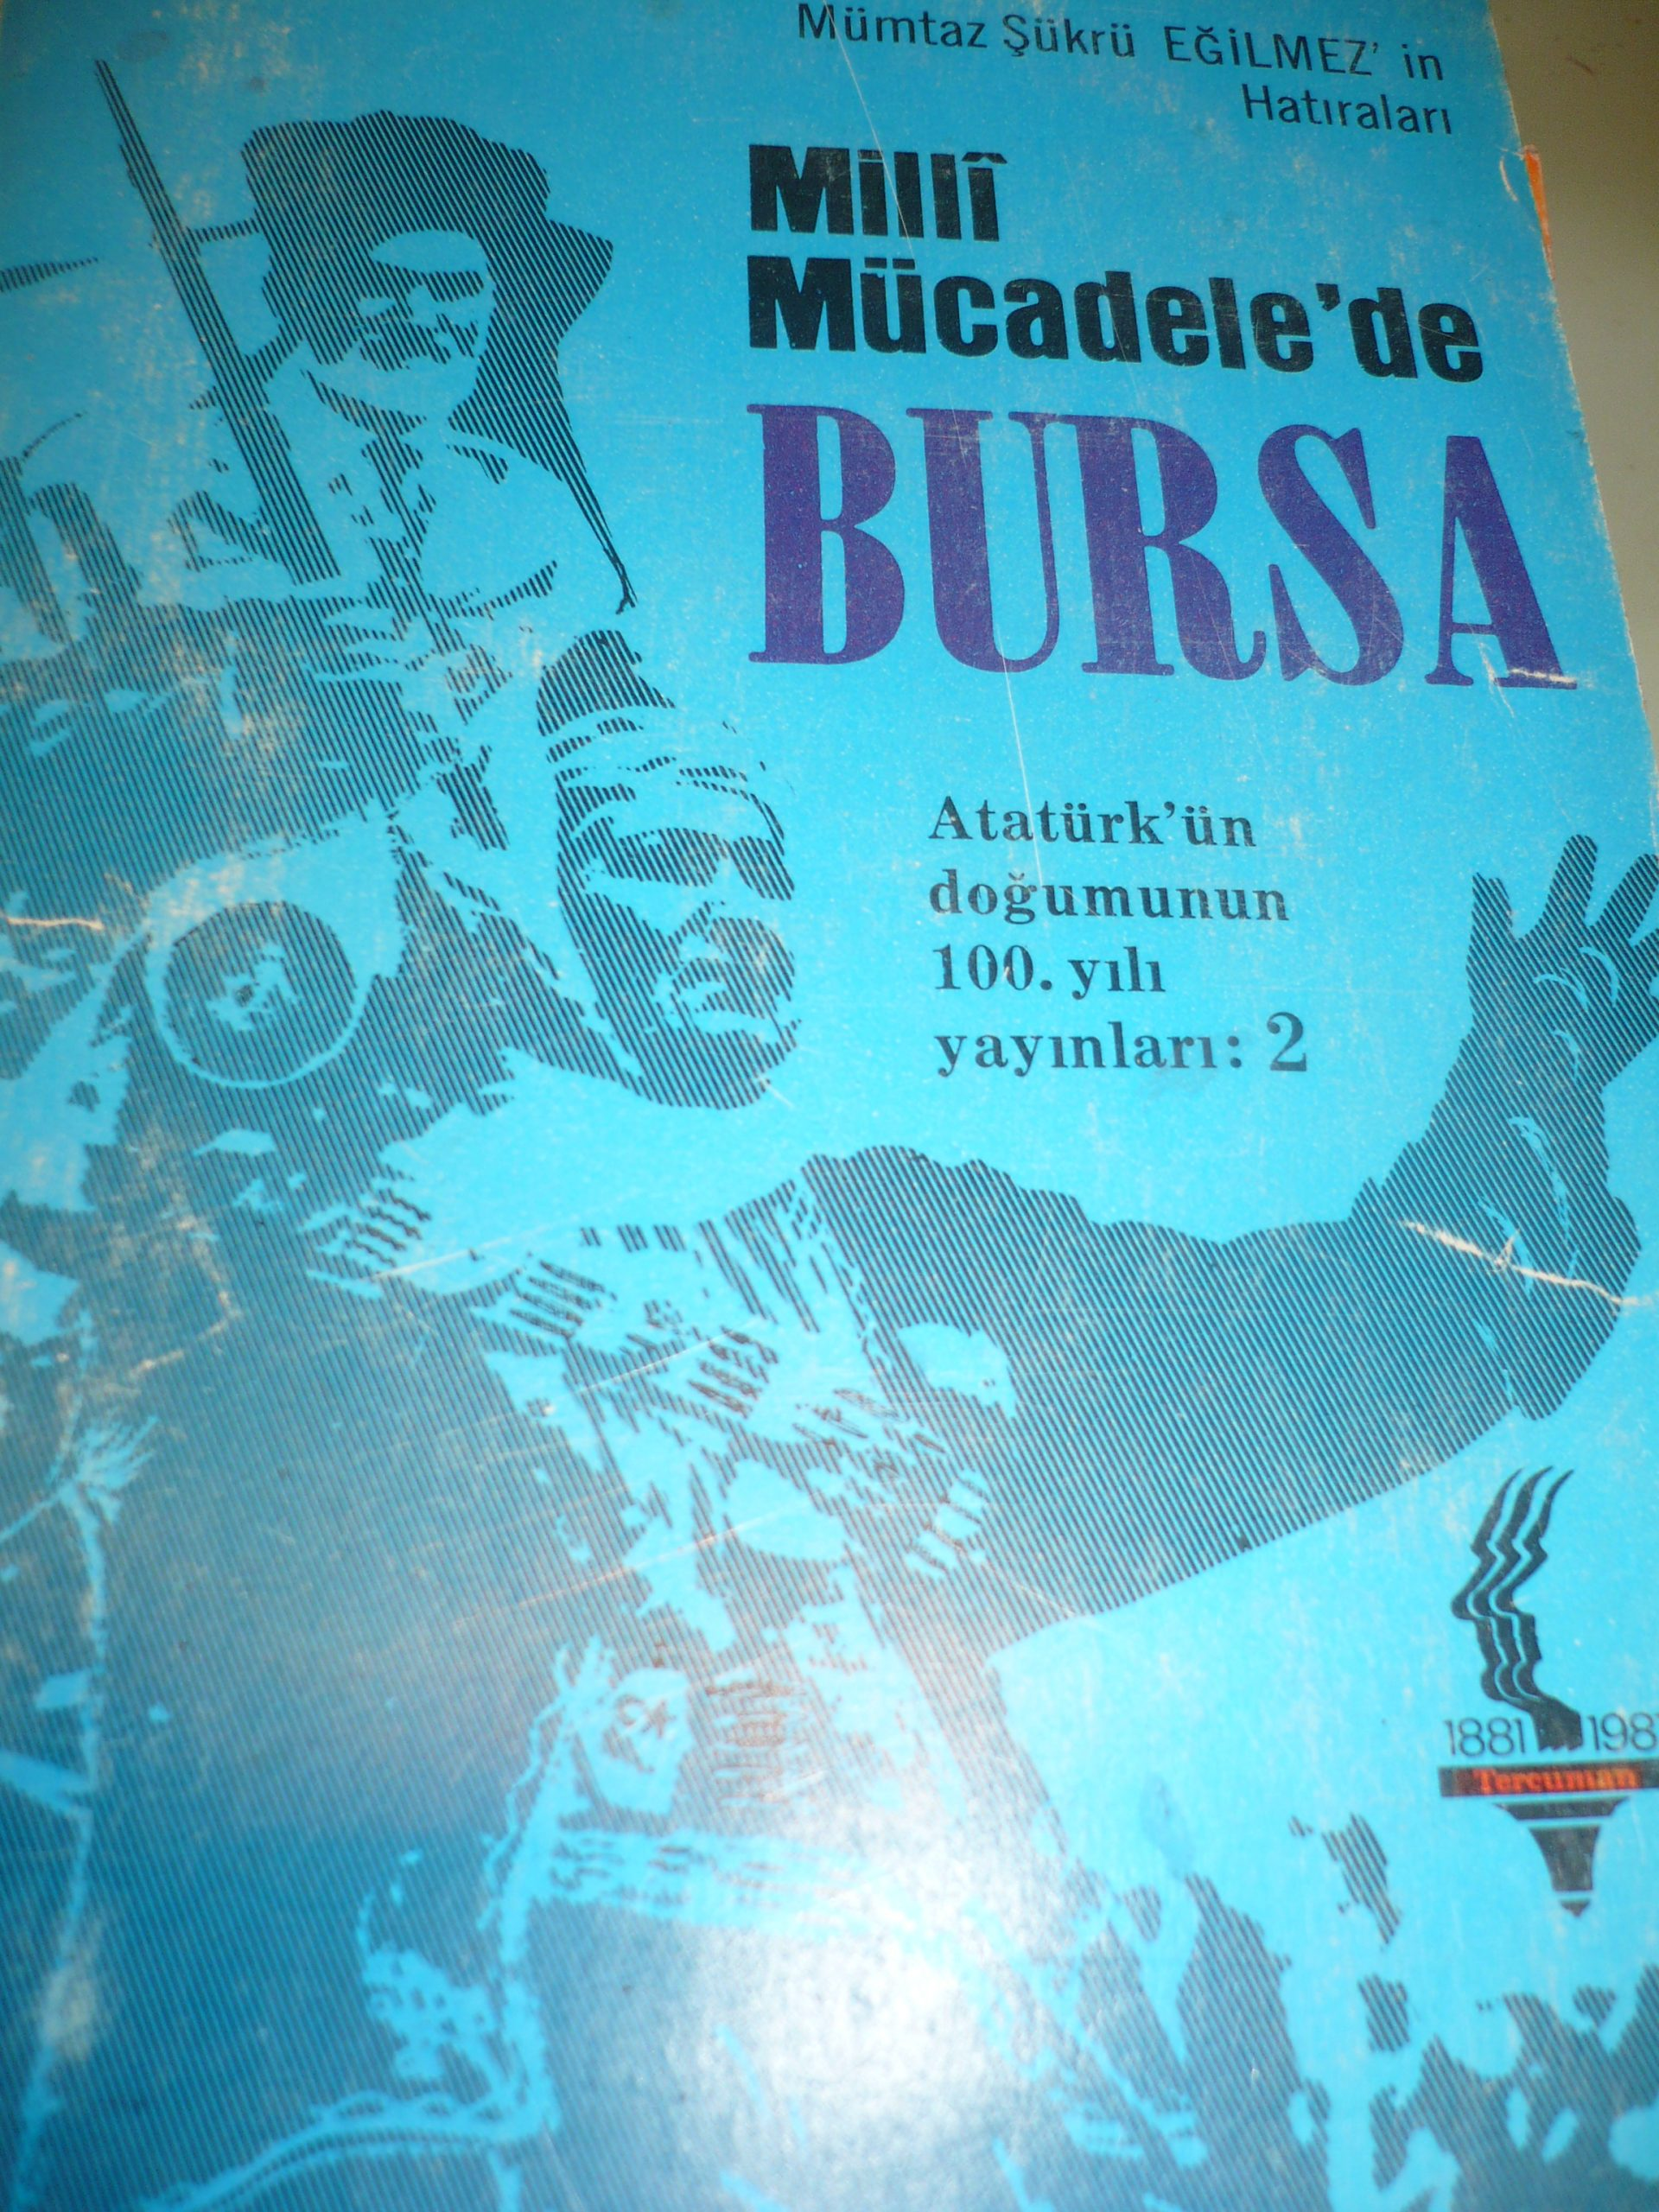 MİLLİ MUCADELE'DE BURSA/ Mümtaz Şükrü Eğilmez